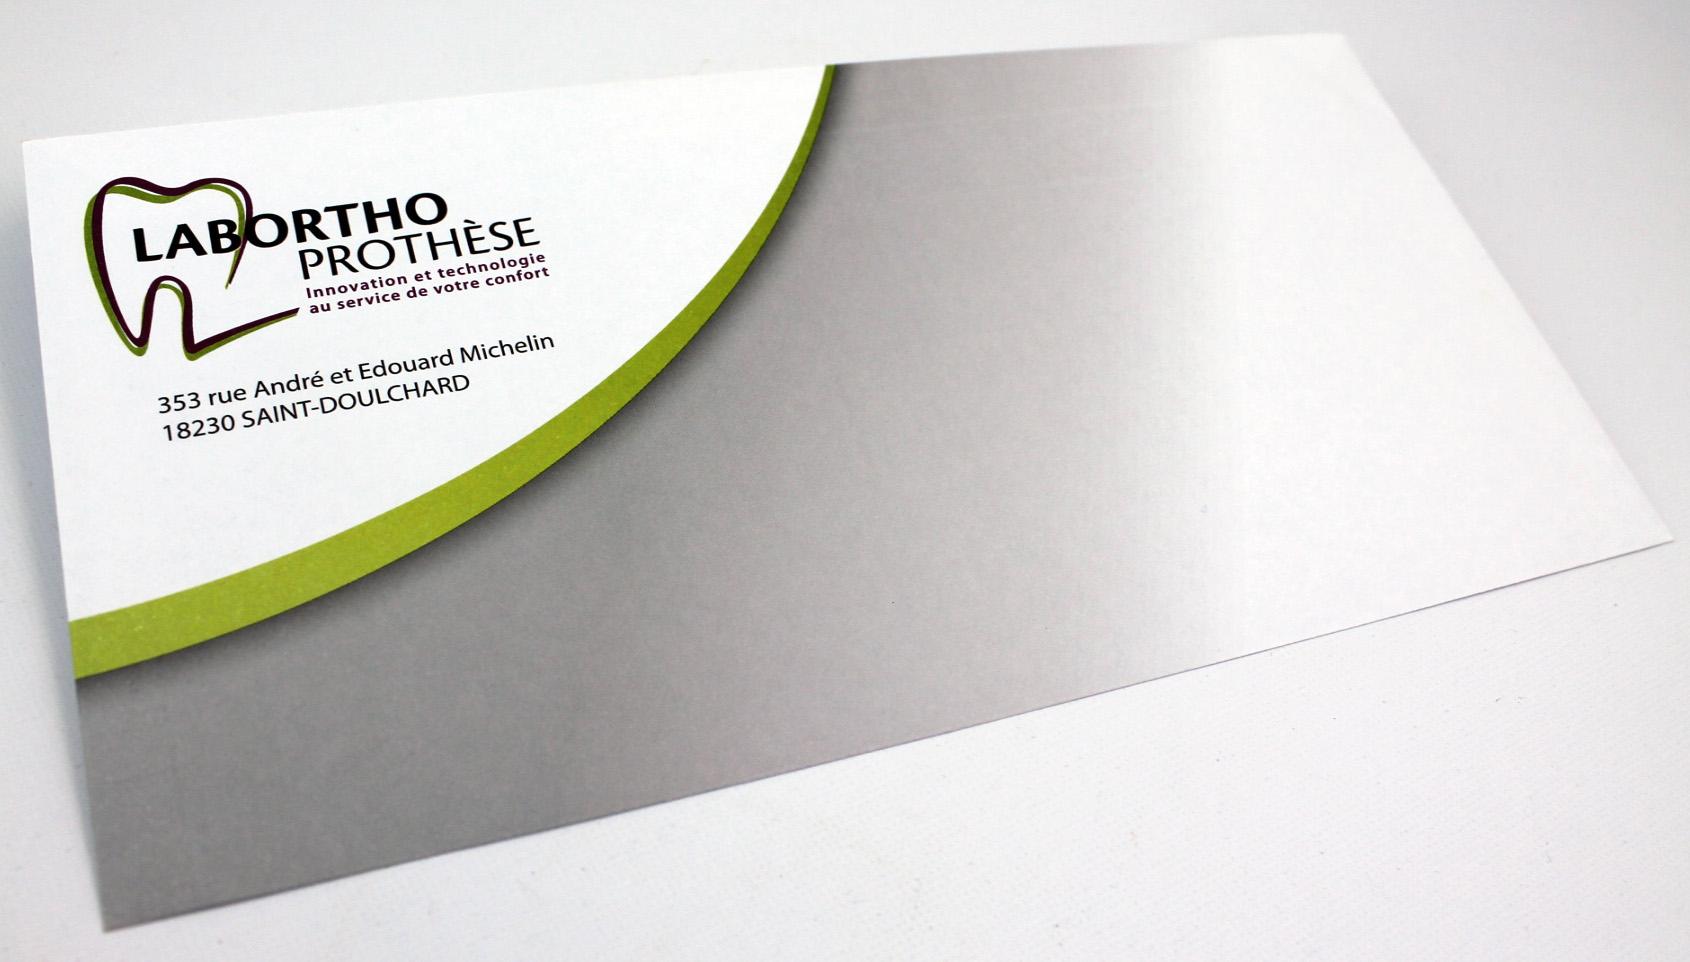 enveloppe personnalisée Labortho Prothèse